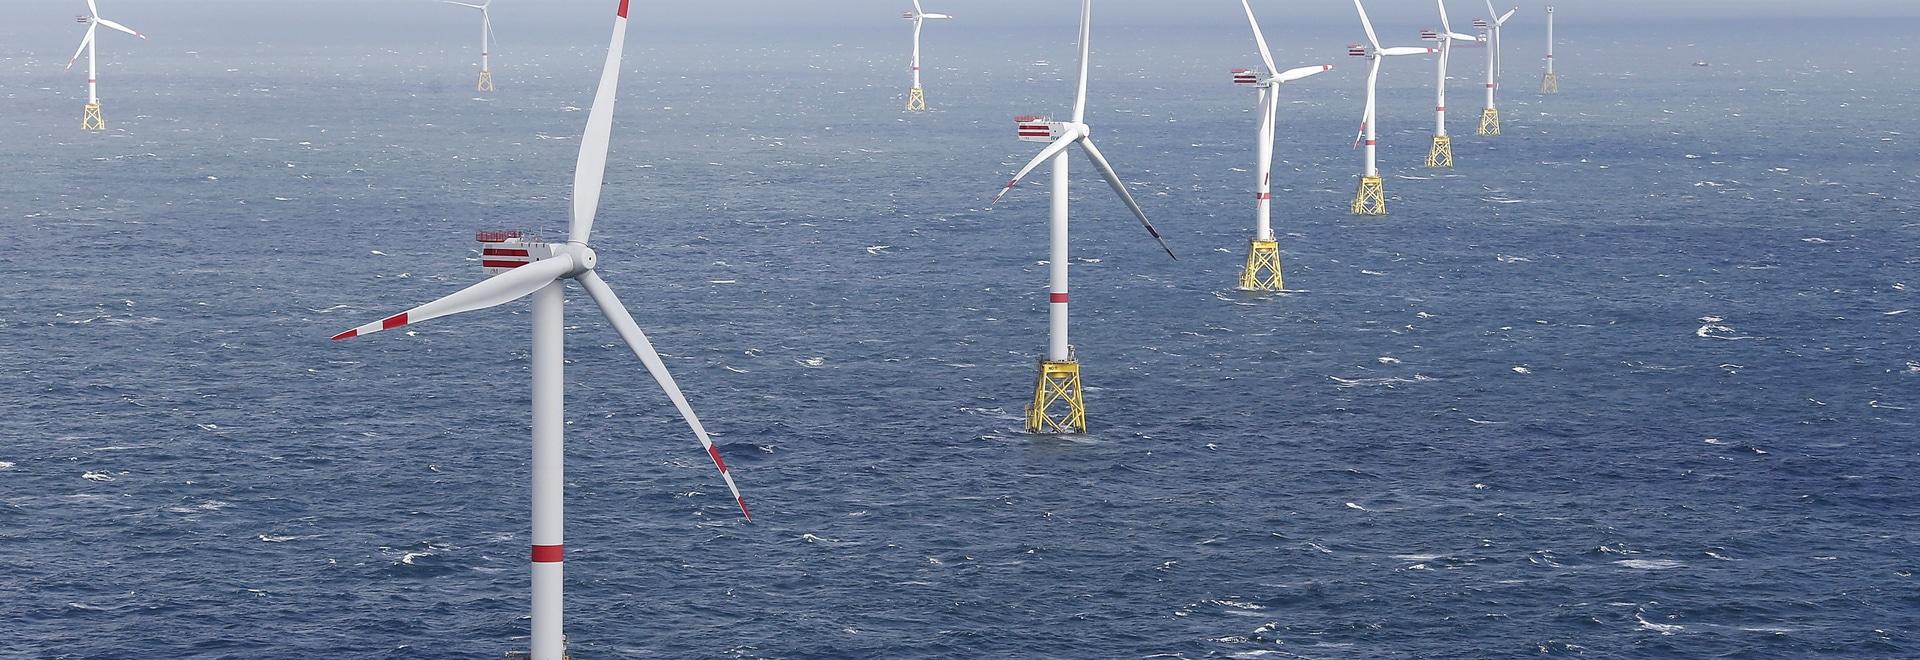 Mitsubishi lourd pour dévoiler la plus grande turbine de vent du monde d'ici 2020